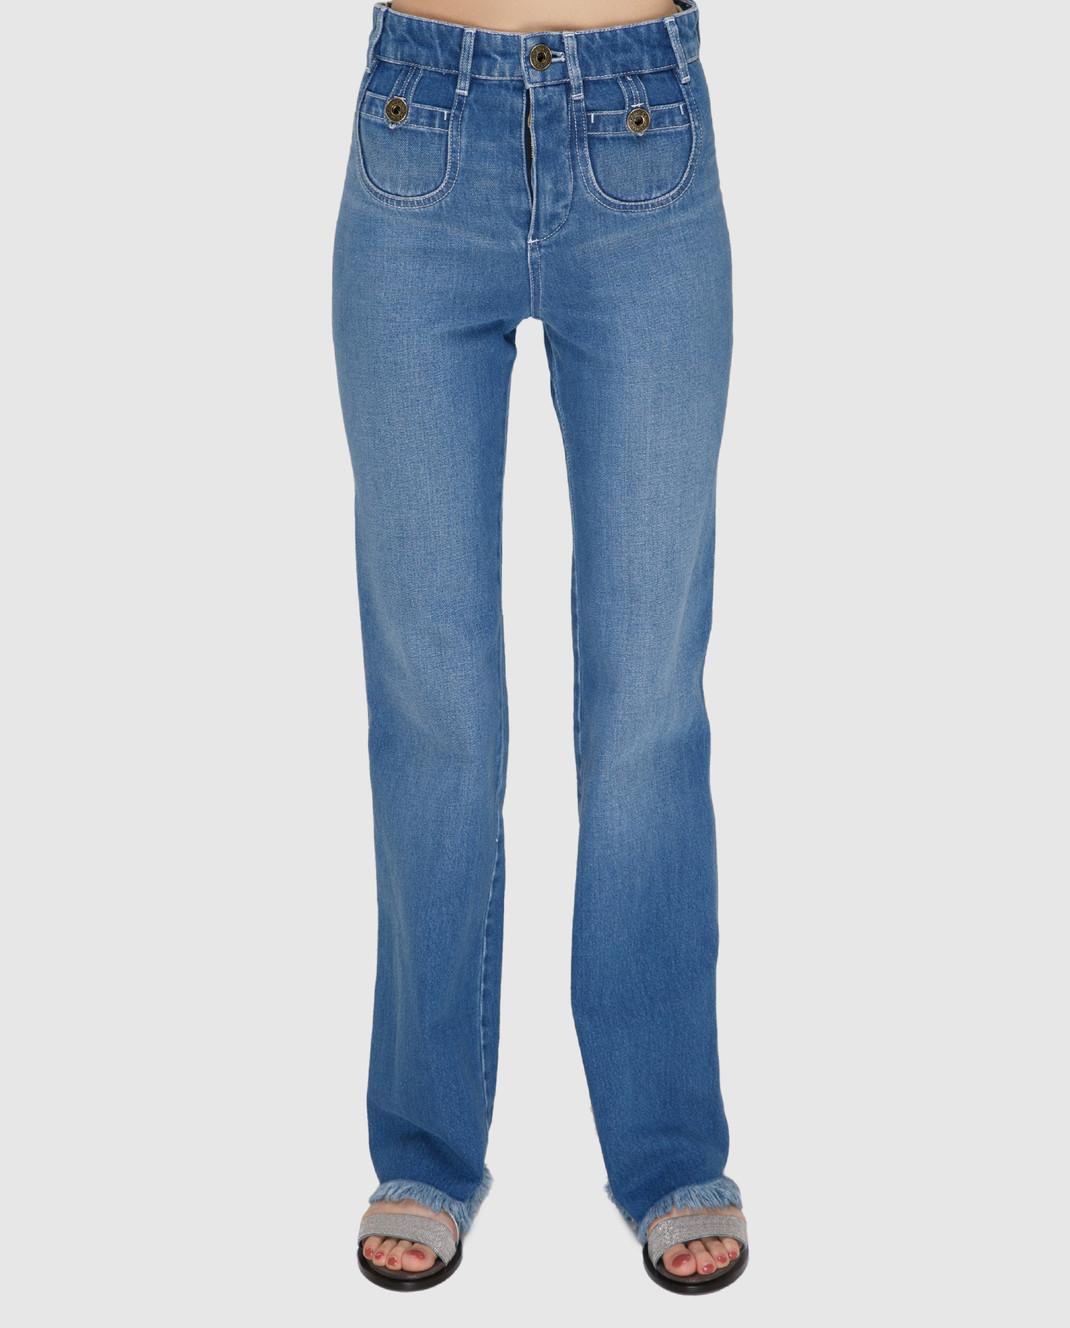 Chloe Голубые джинсы изображение 3